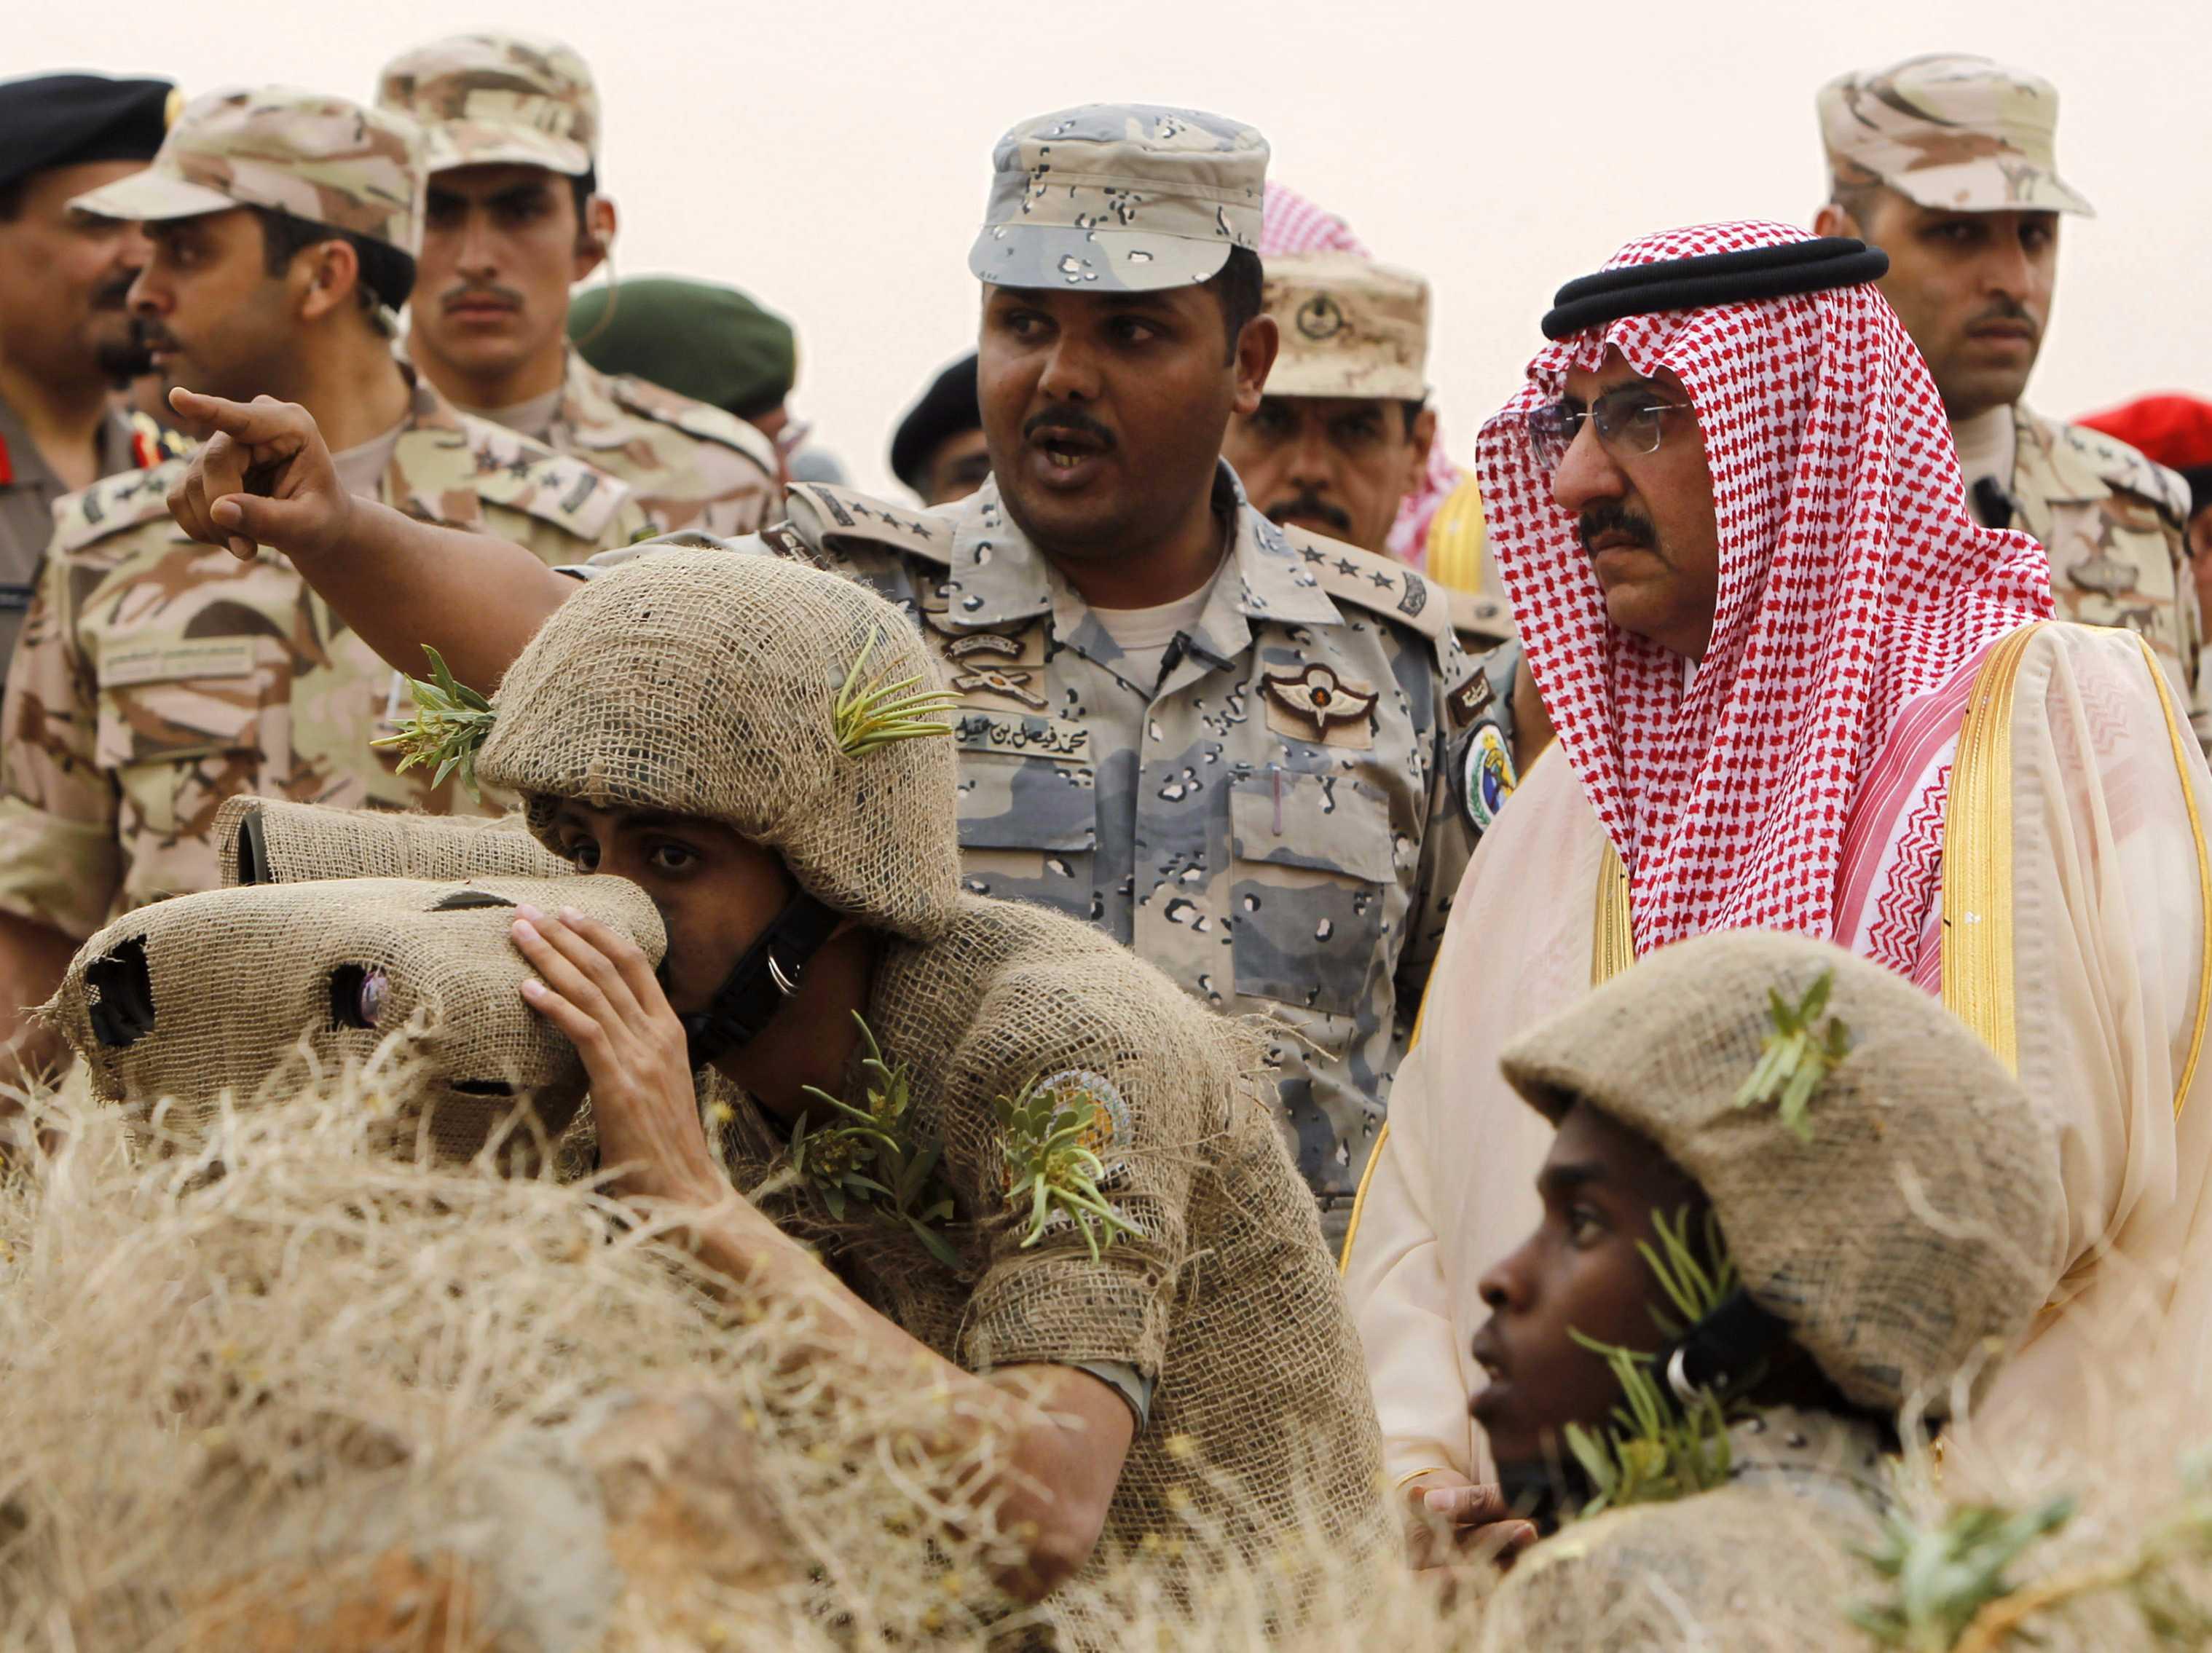 saudi arabias defense doctrine - HD1136×849